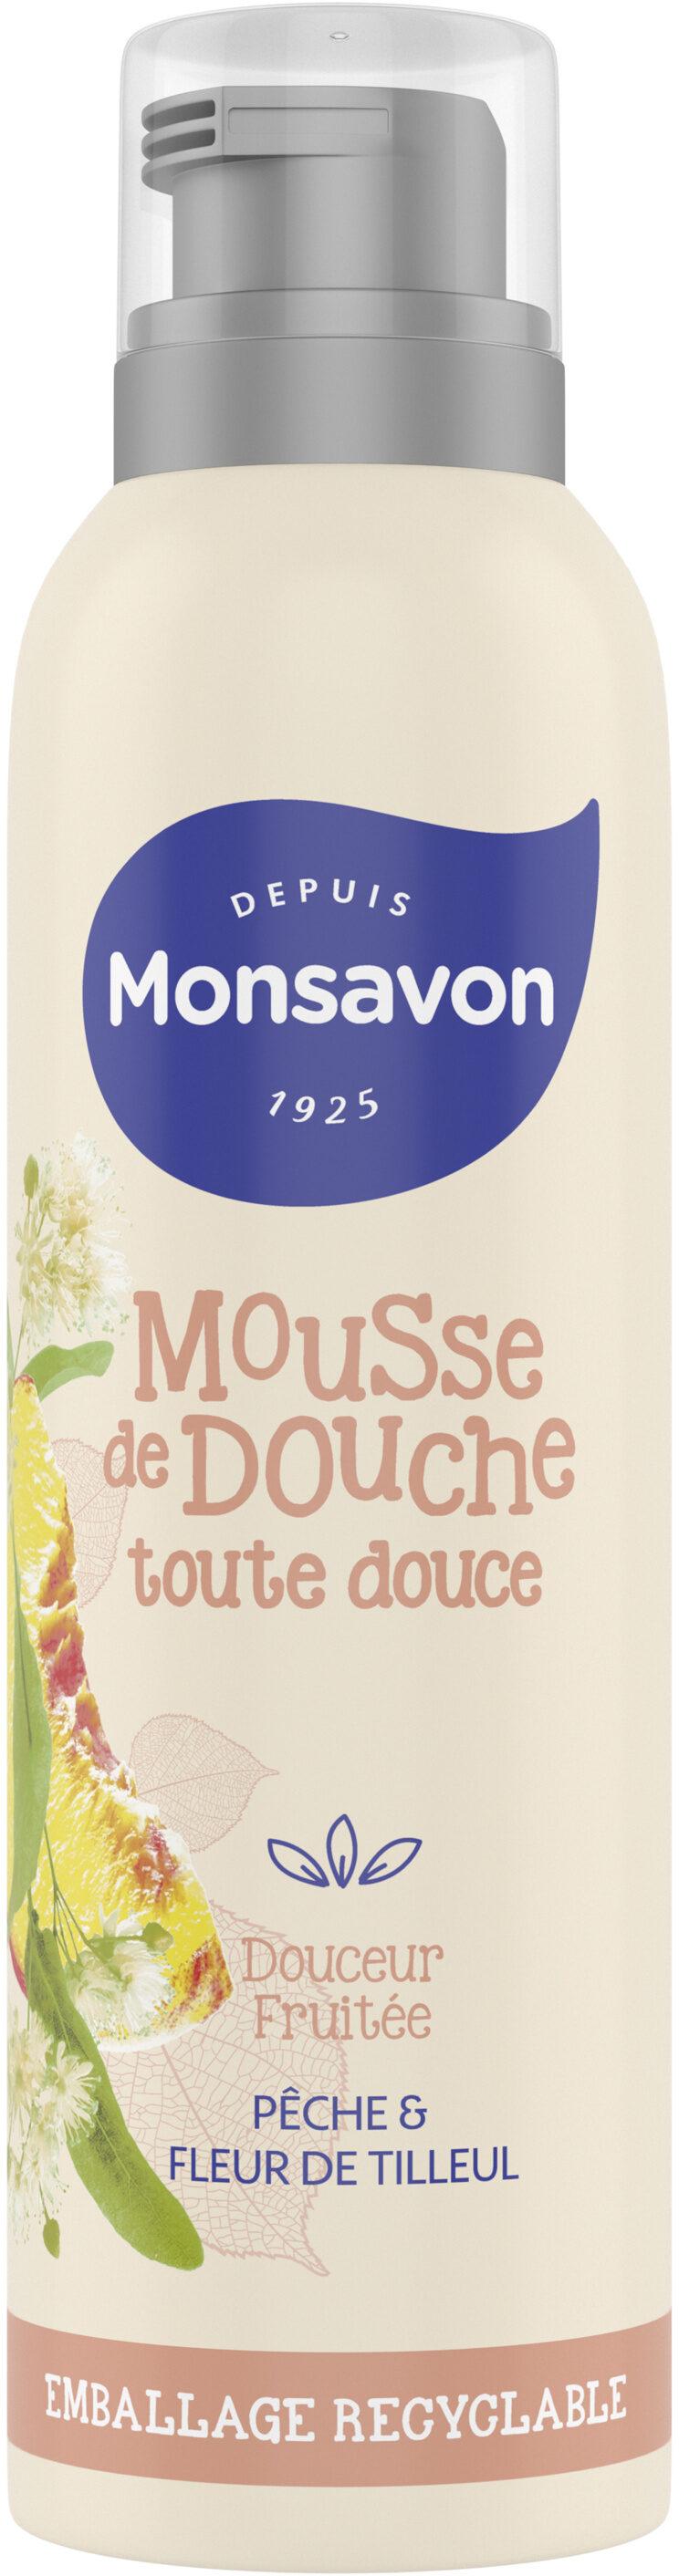 Monsavon Gel Douche Mousse Douceur Fruitée Pêche & Tilleul - Product - fr